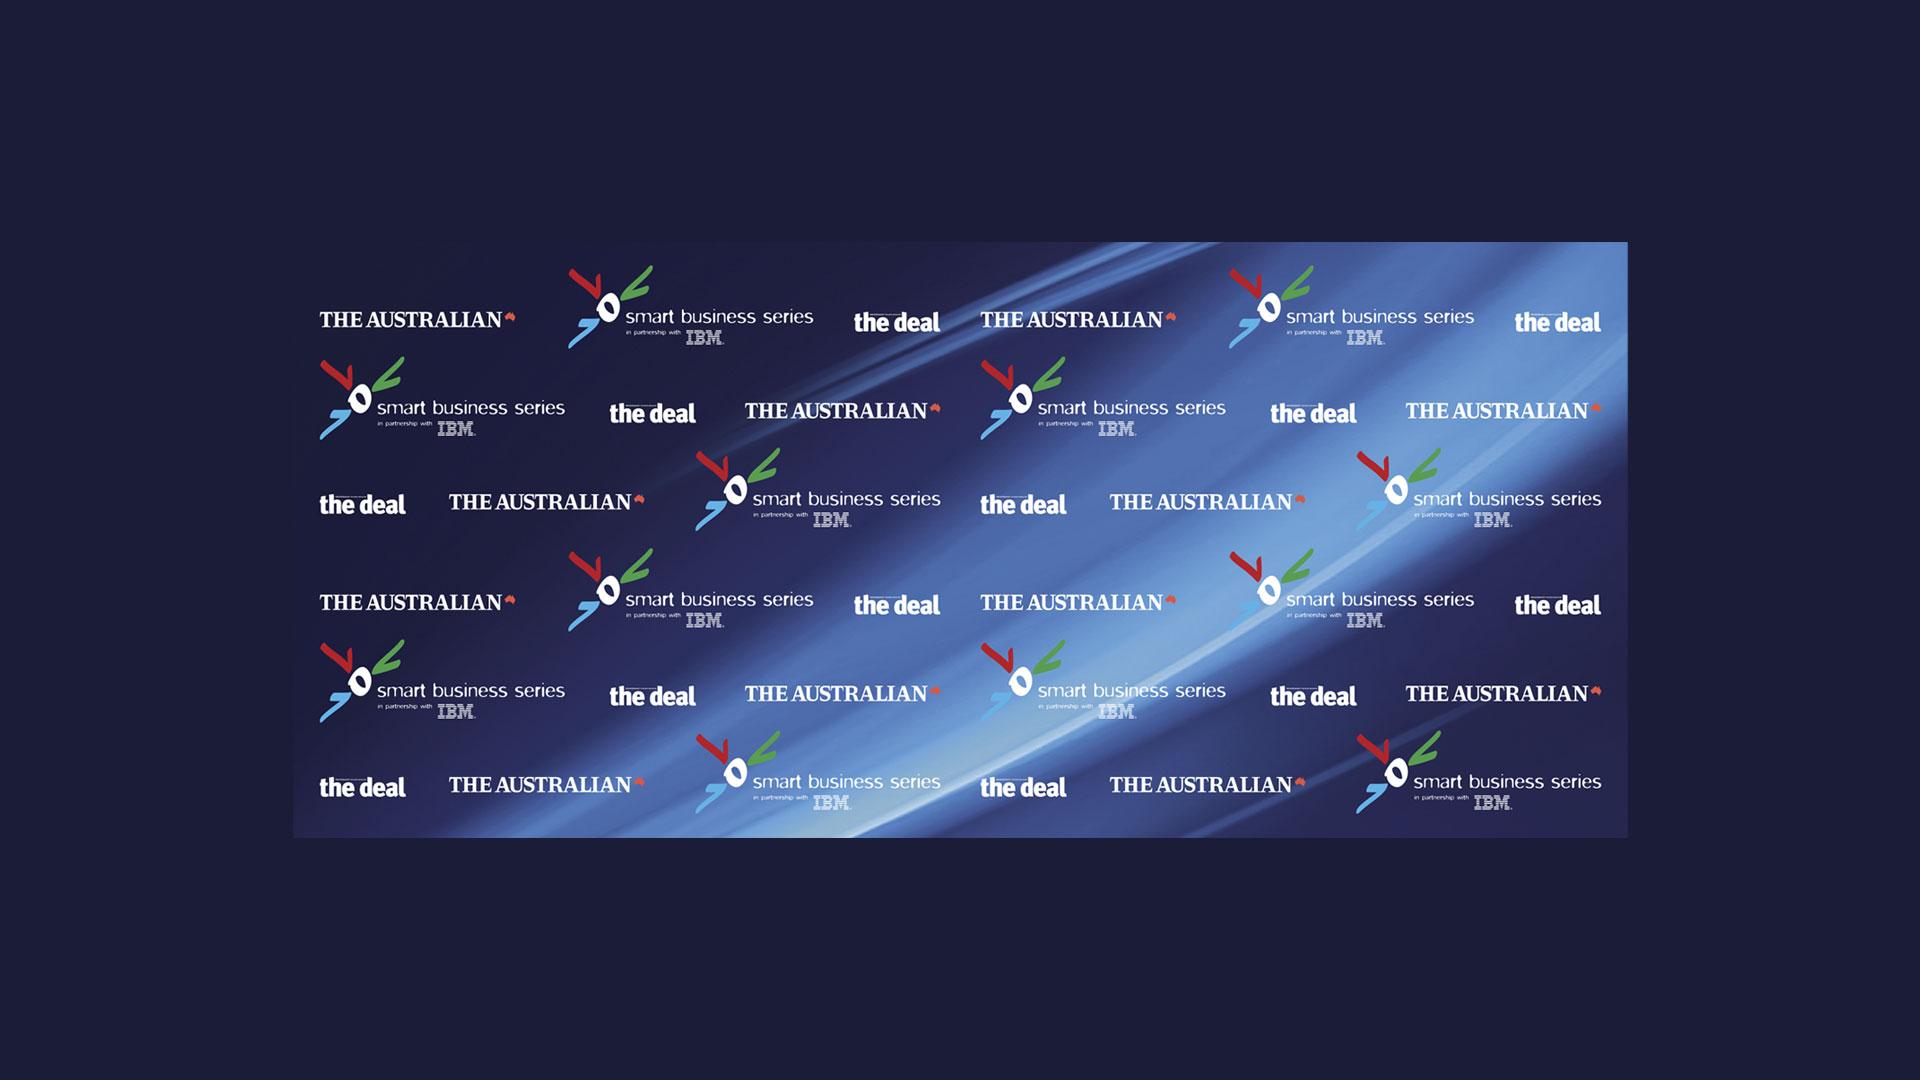 the-australian-media-wall